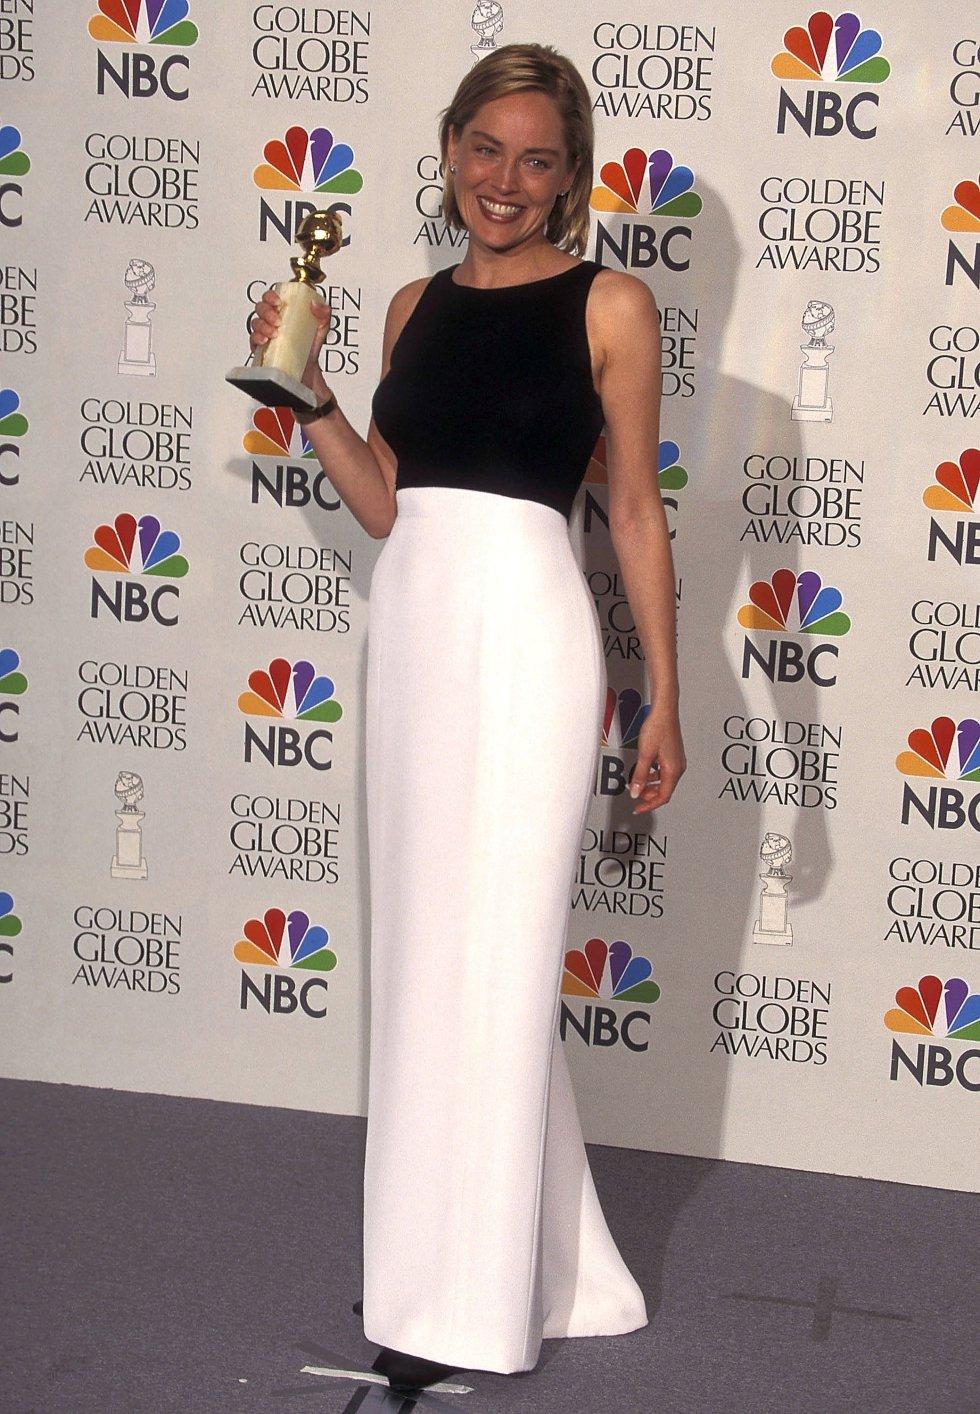 Aunque su carrera no se ha caracterizado por estar sembrada de premios, en 1995 Stone fue nominada al Oscar como mejor actriz por su interpretación en 'Casino', donde trabajó con Robert de Niro. No ganó la estatuilla dorada, pero sí se hizo con el Globo de Oro por ese mismo papel.